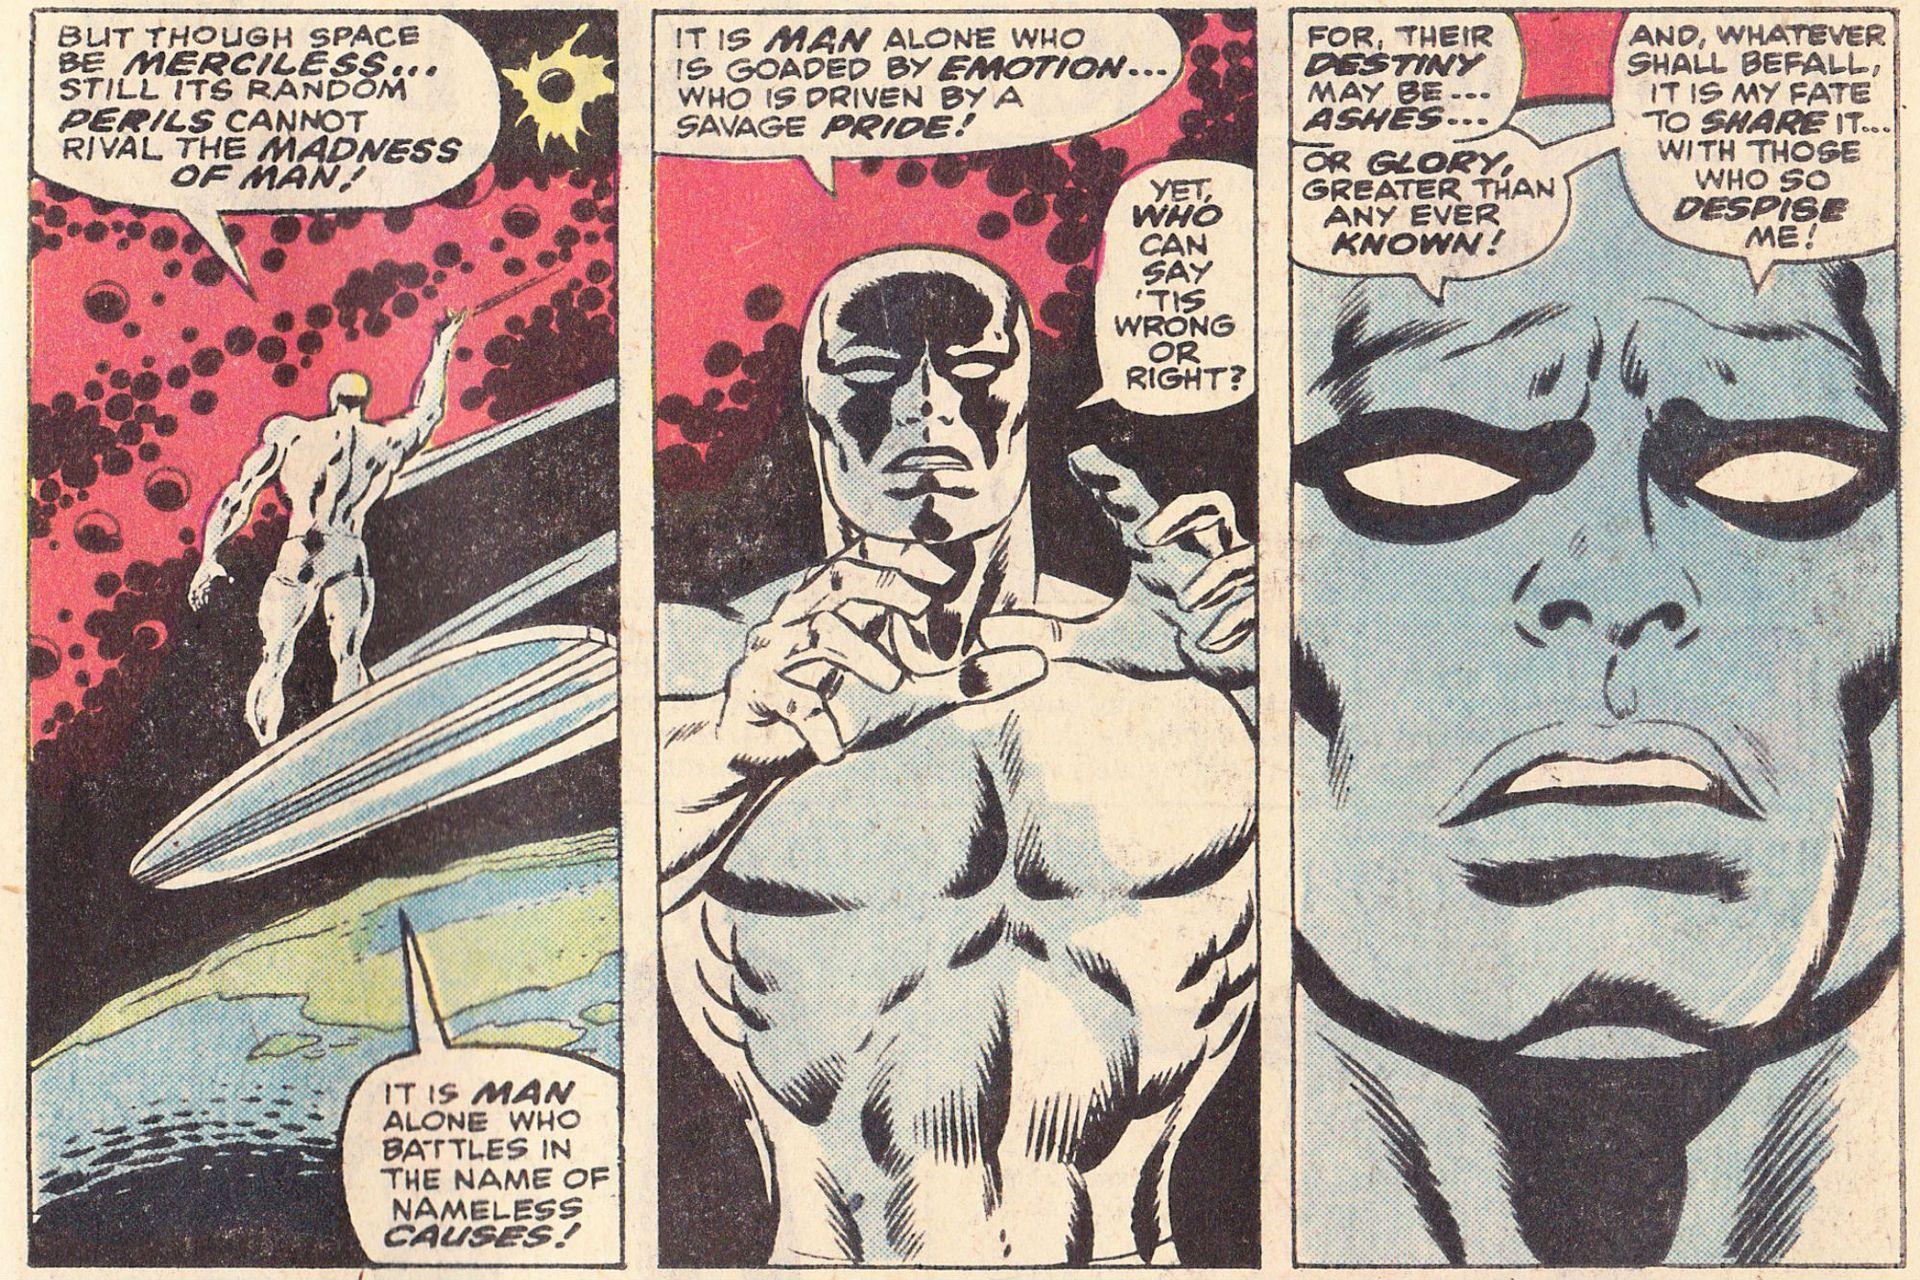 Silver Surfer mostró la cara más inspirada del guionista